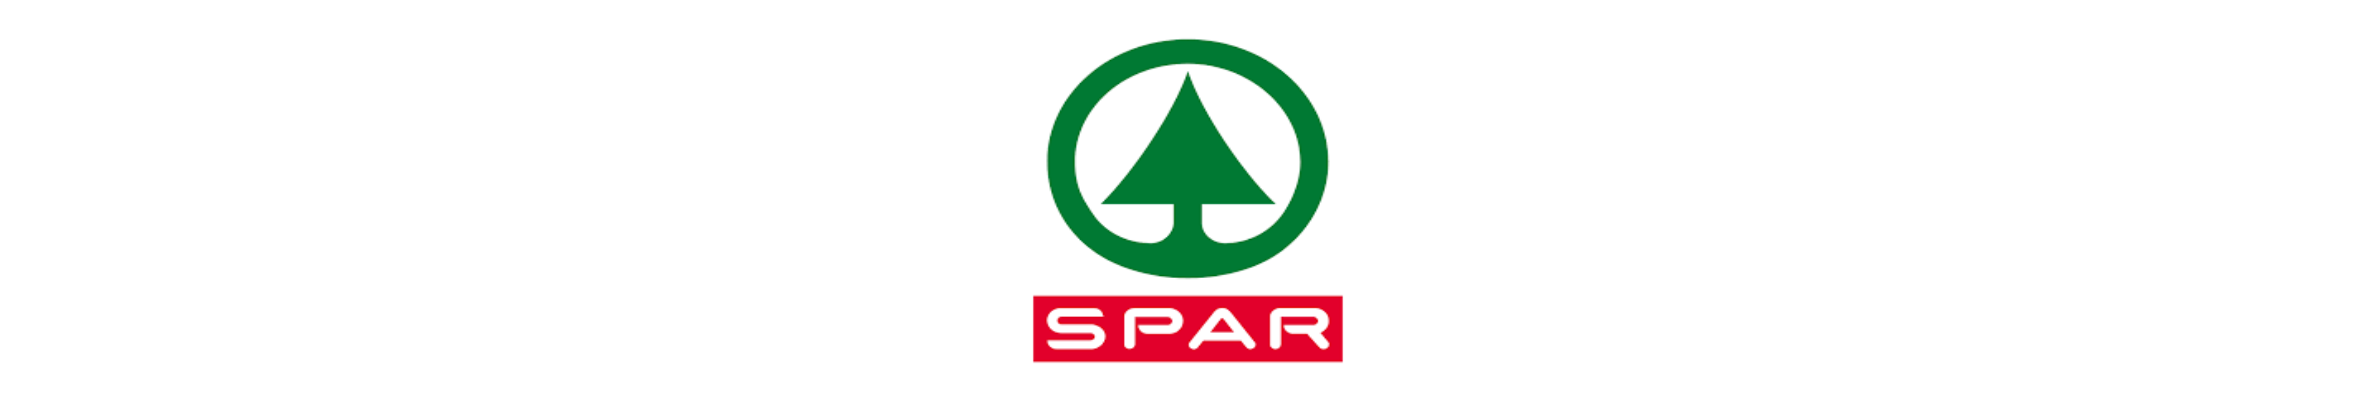 Langwerpig logo van Spar